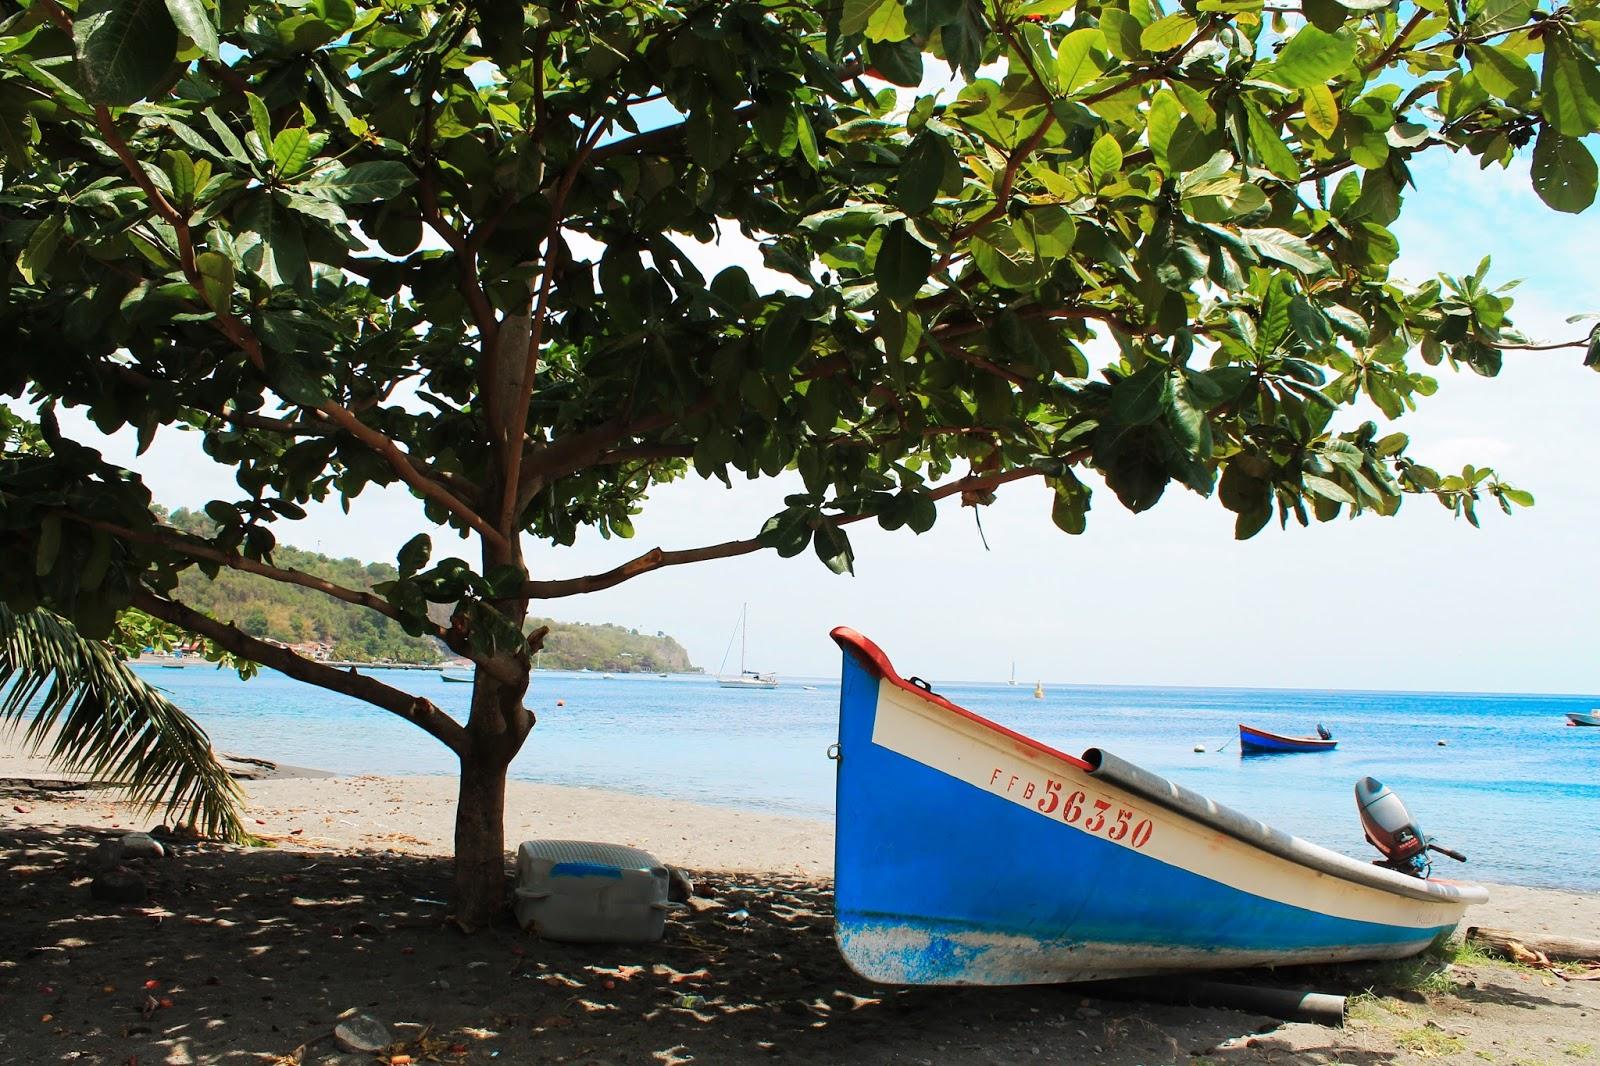 martinique caraibes vacances île dom tom saint pierre visite